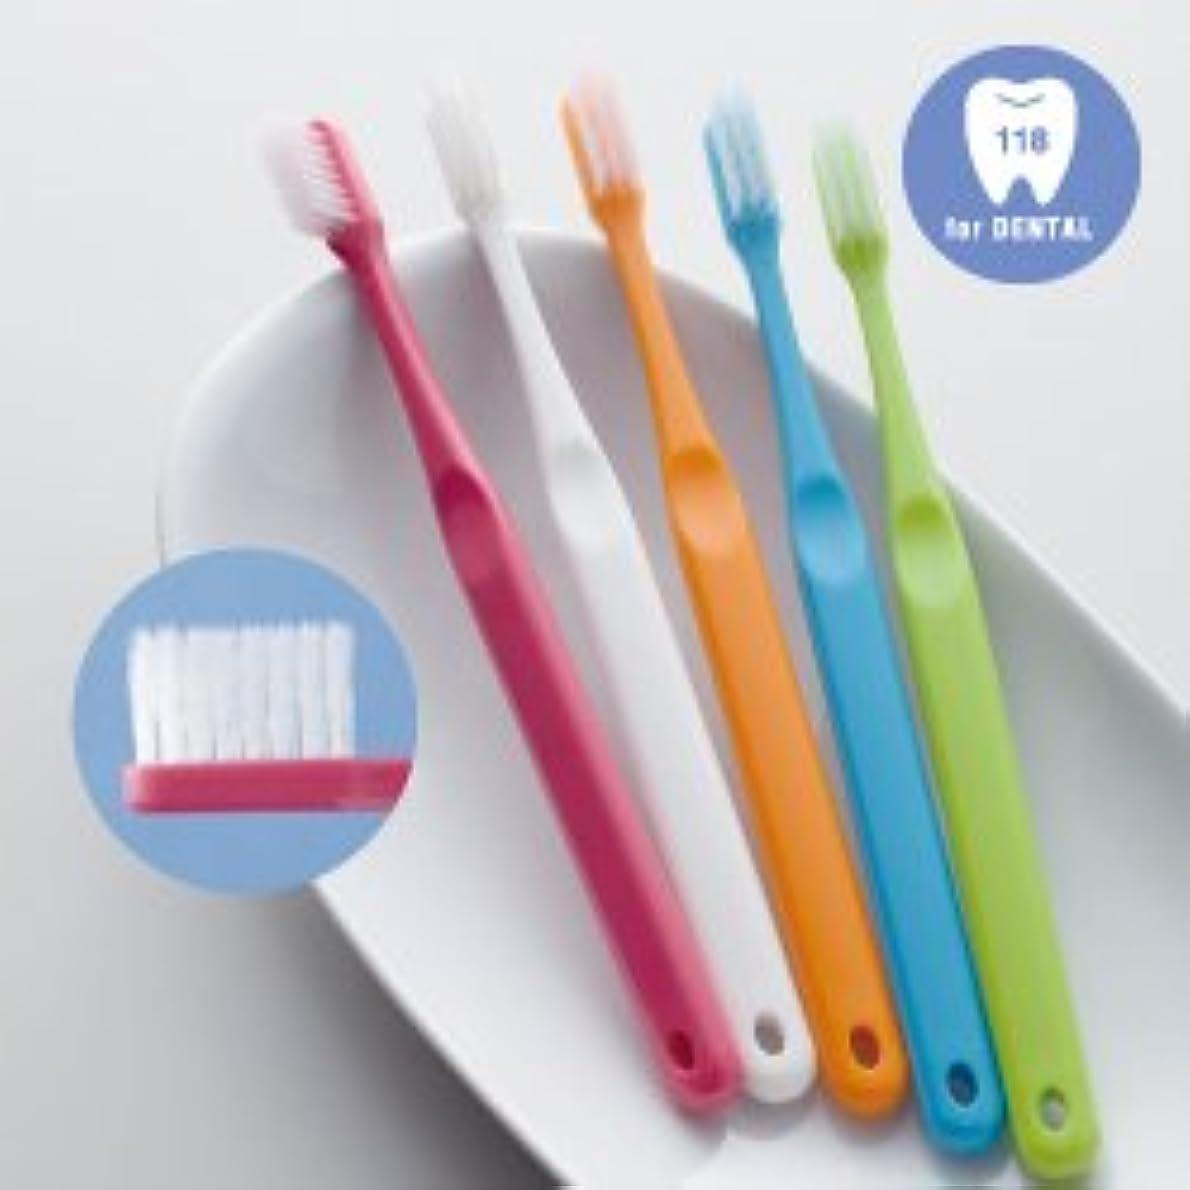 カンガルー沼地サーキットに行く歯科専用歯ブラシ 118SERIES ZERO 超先細 ふつう 25本